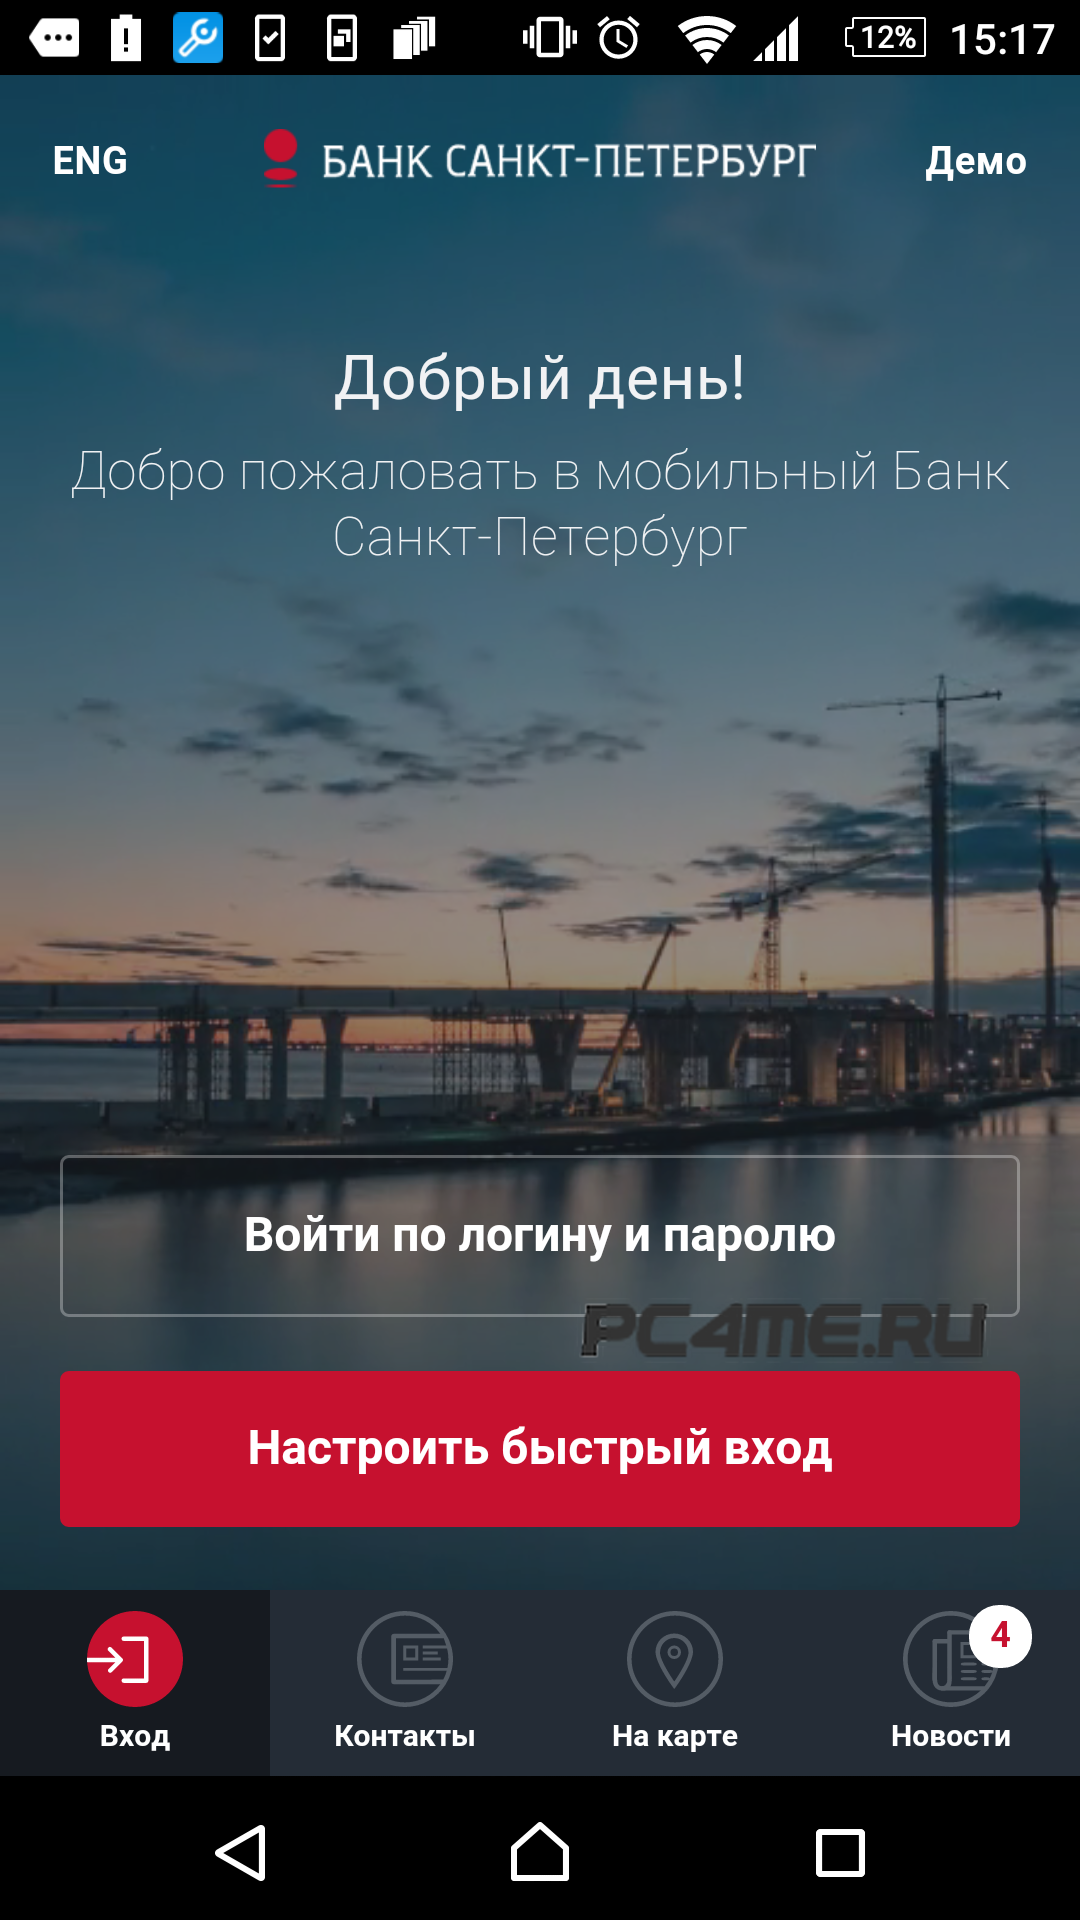 банк санкт петербург потребительский кредит калькулятор займы фнс россии